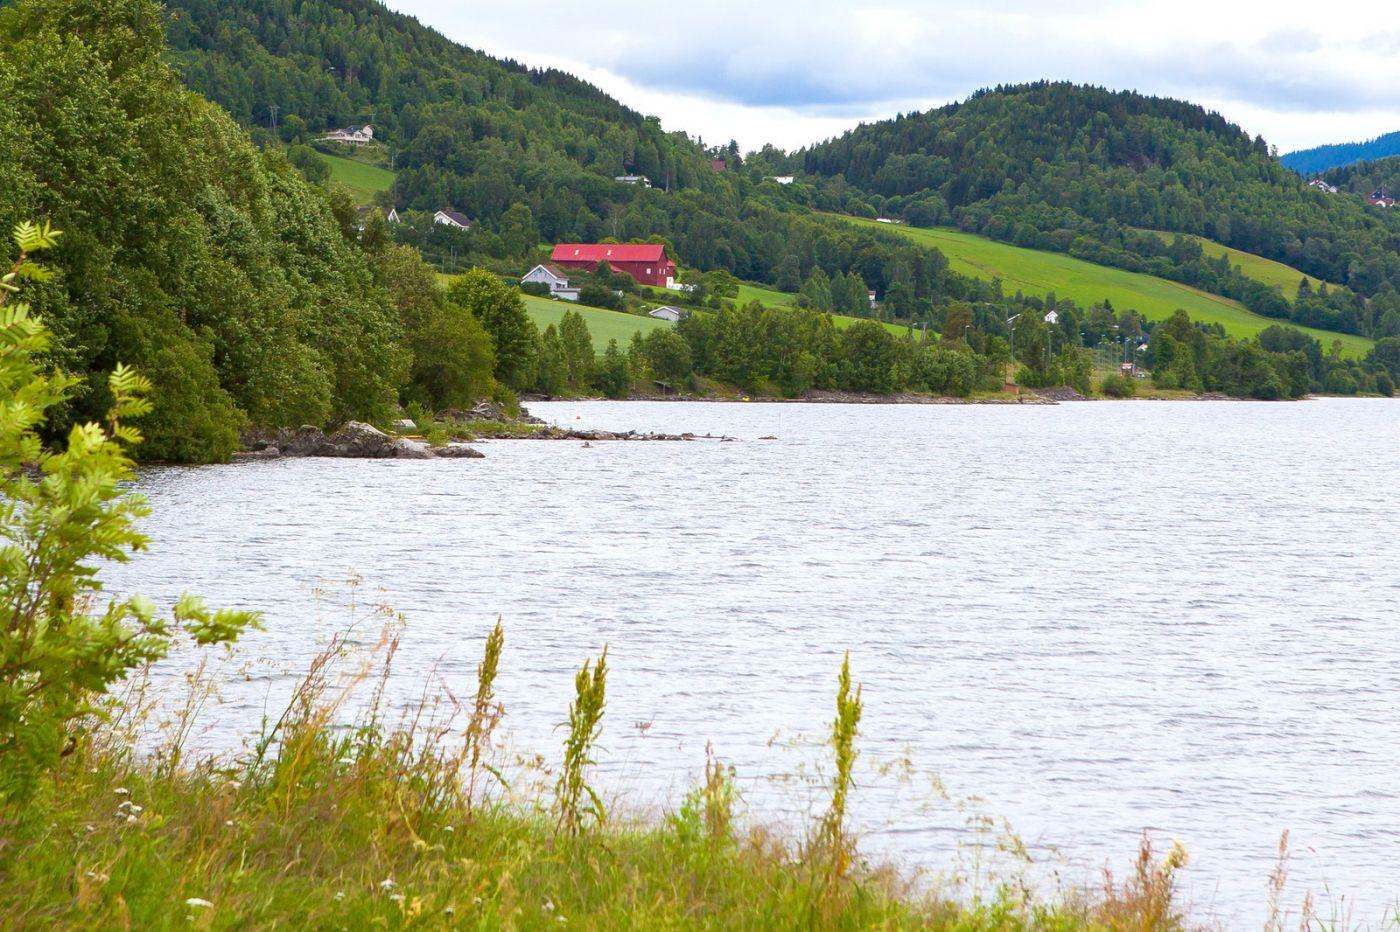 北欧风光,风景美如画_图1-8